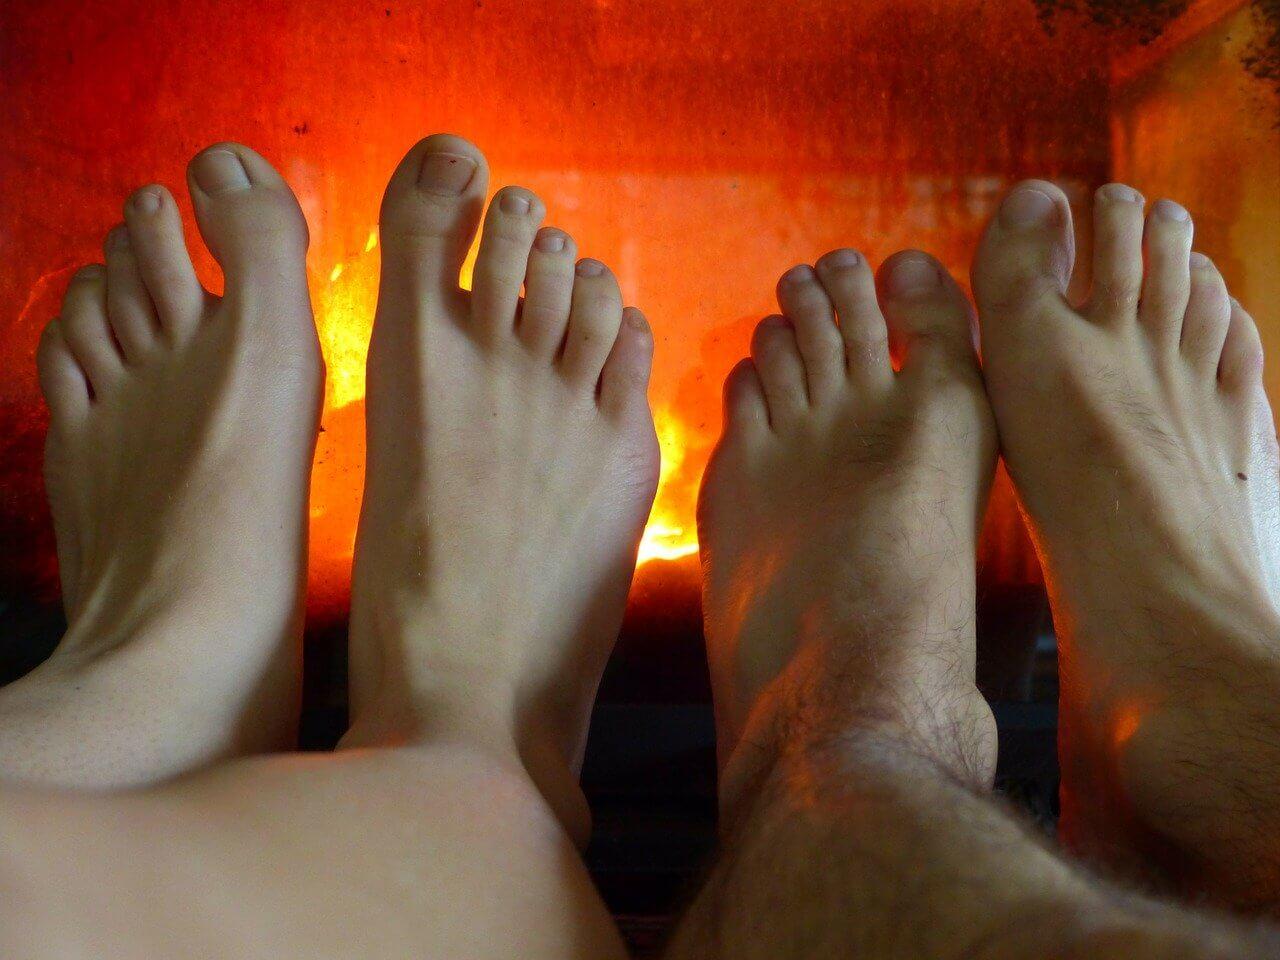 バーニング フィート 症候群 夏に多い?『バーニングフィート症候群』の概要とストレッチを始めと...